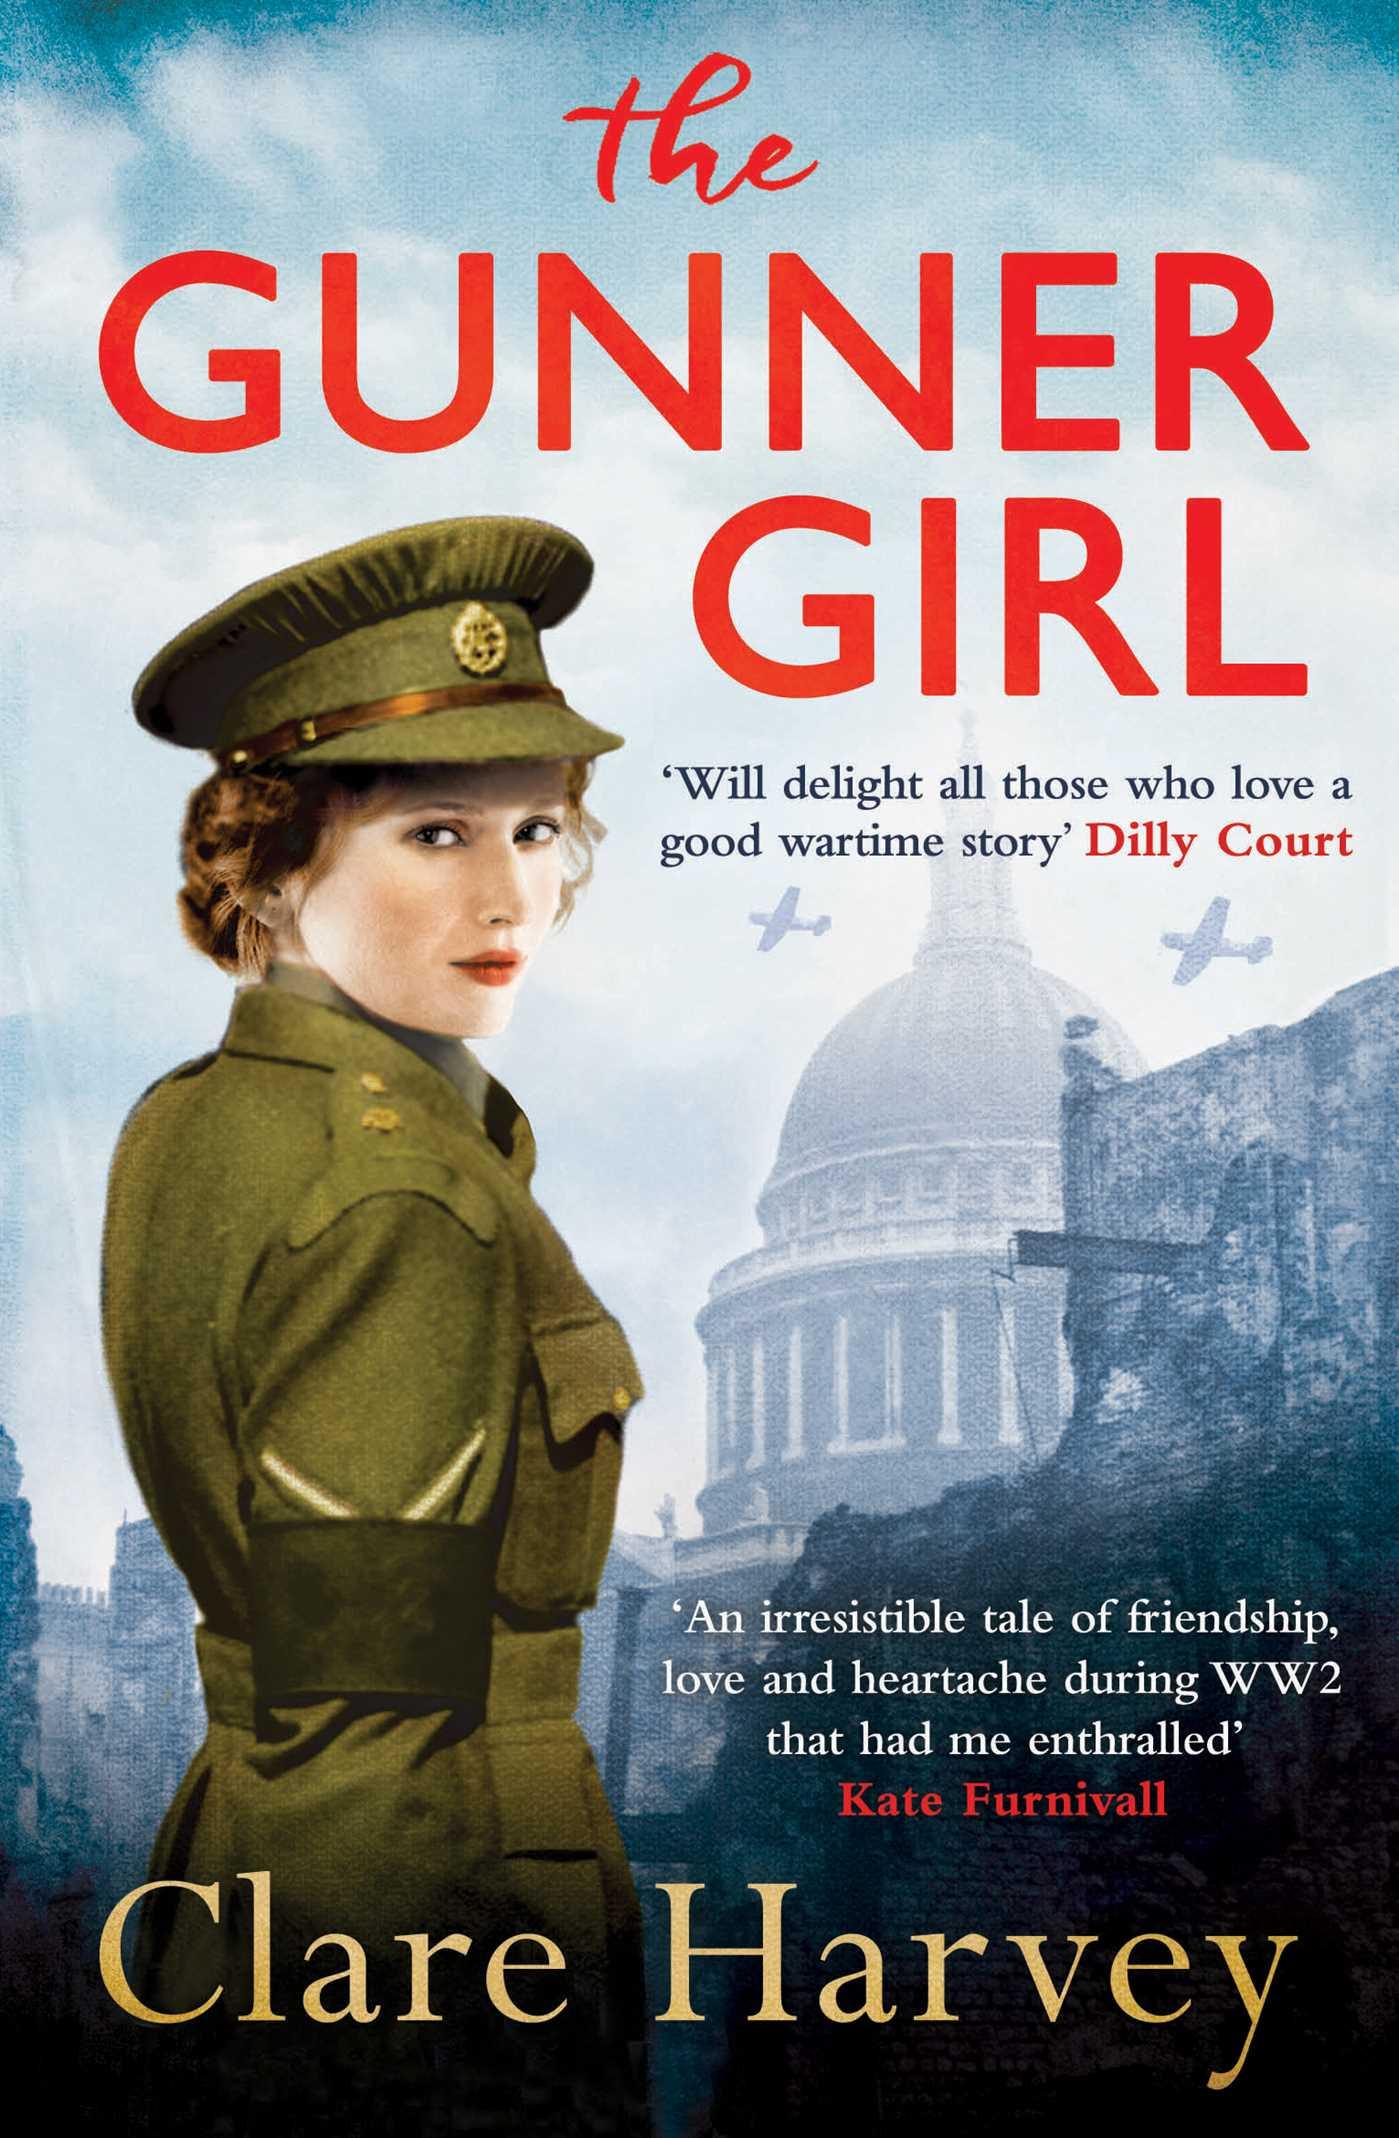 The gunner girl 9781471150555 hr